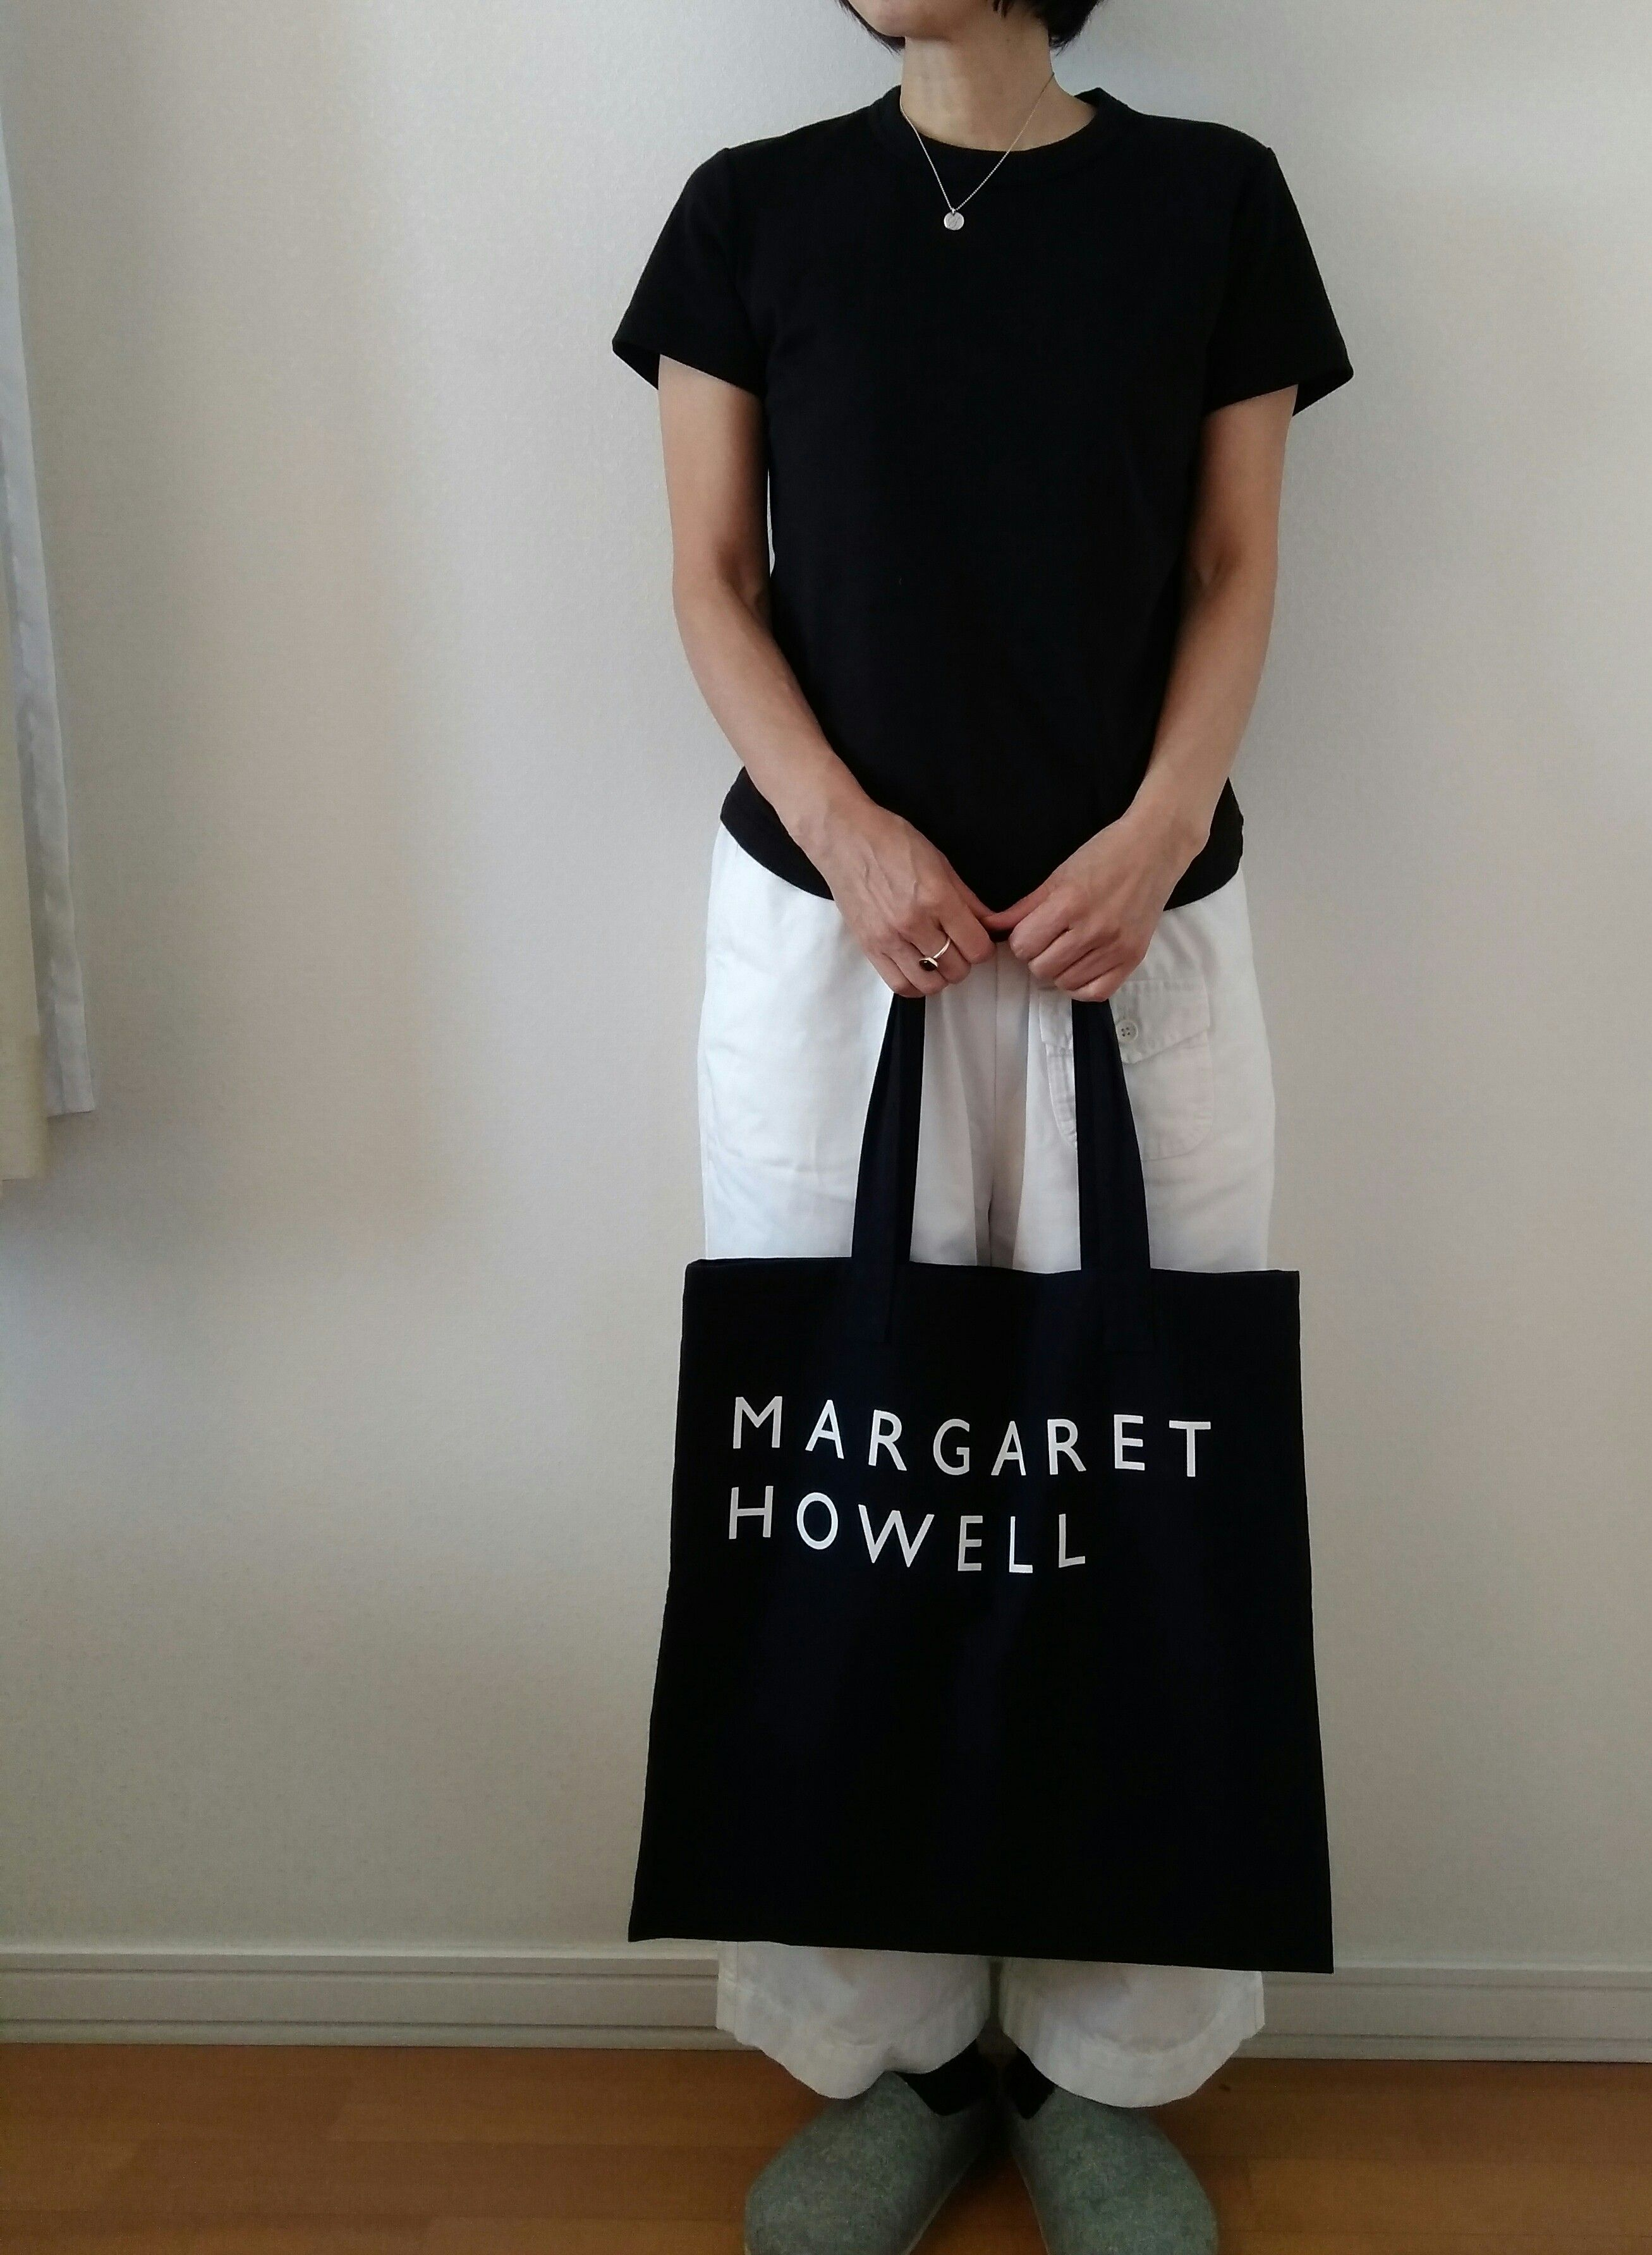 ハウエル セール マーガレット